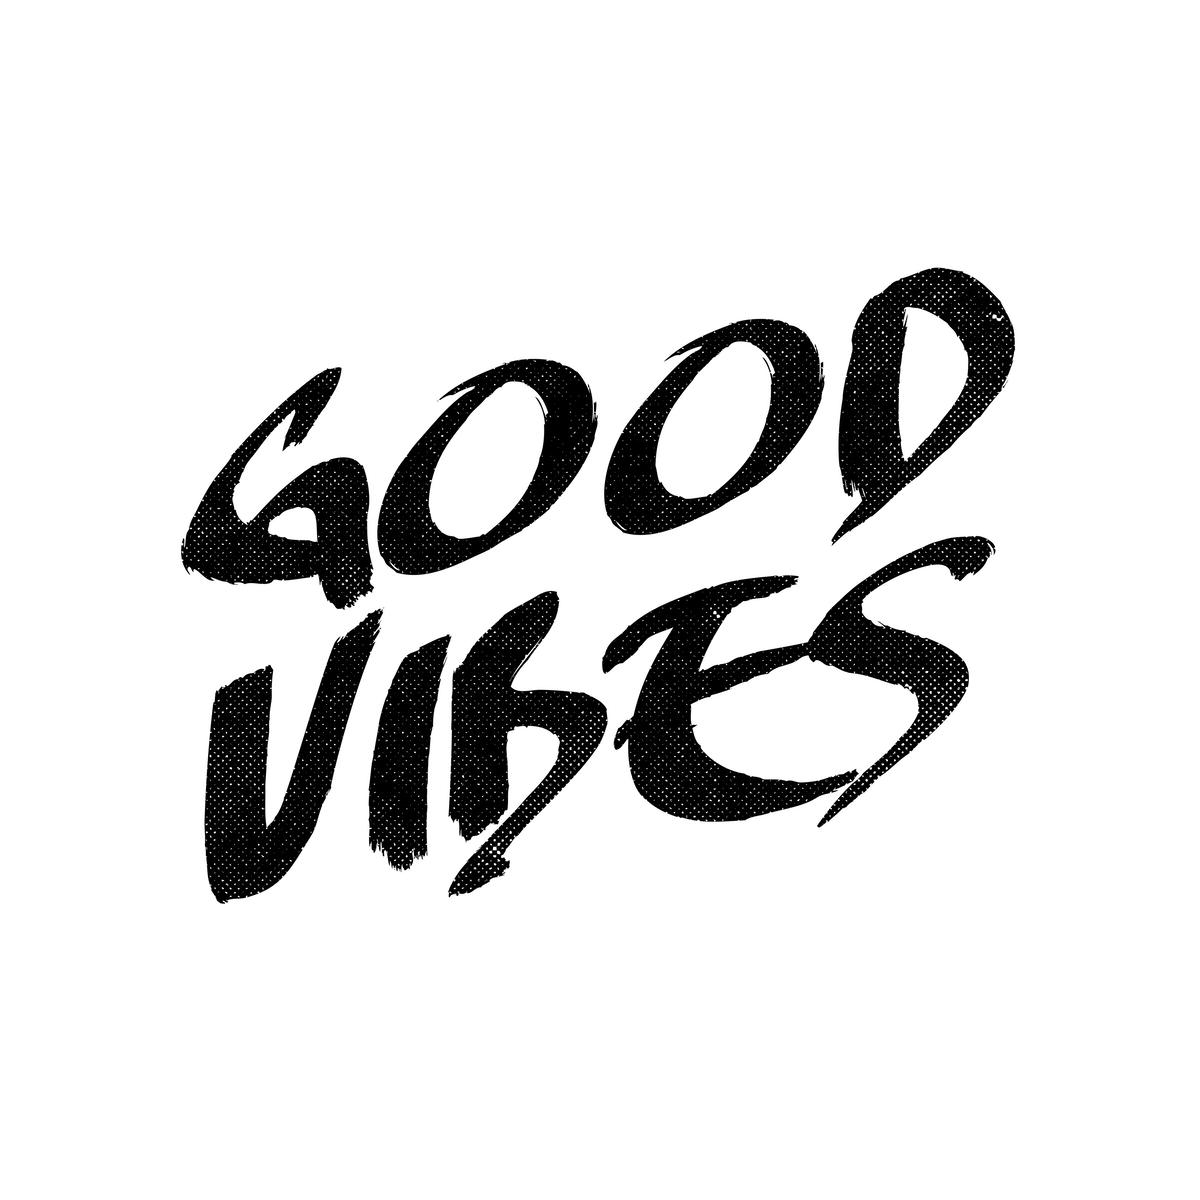 Good Vibes and Good Karma Design